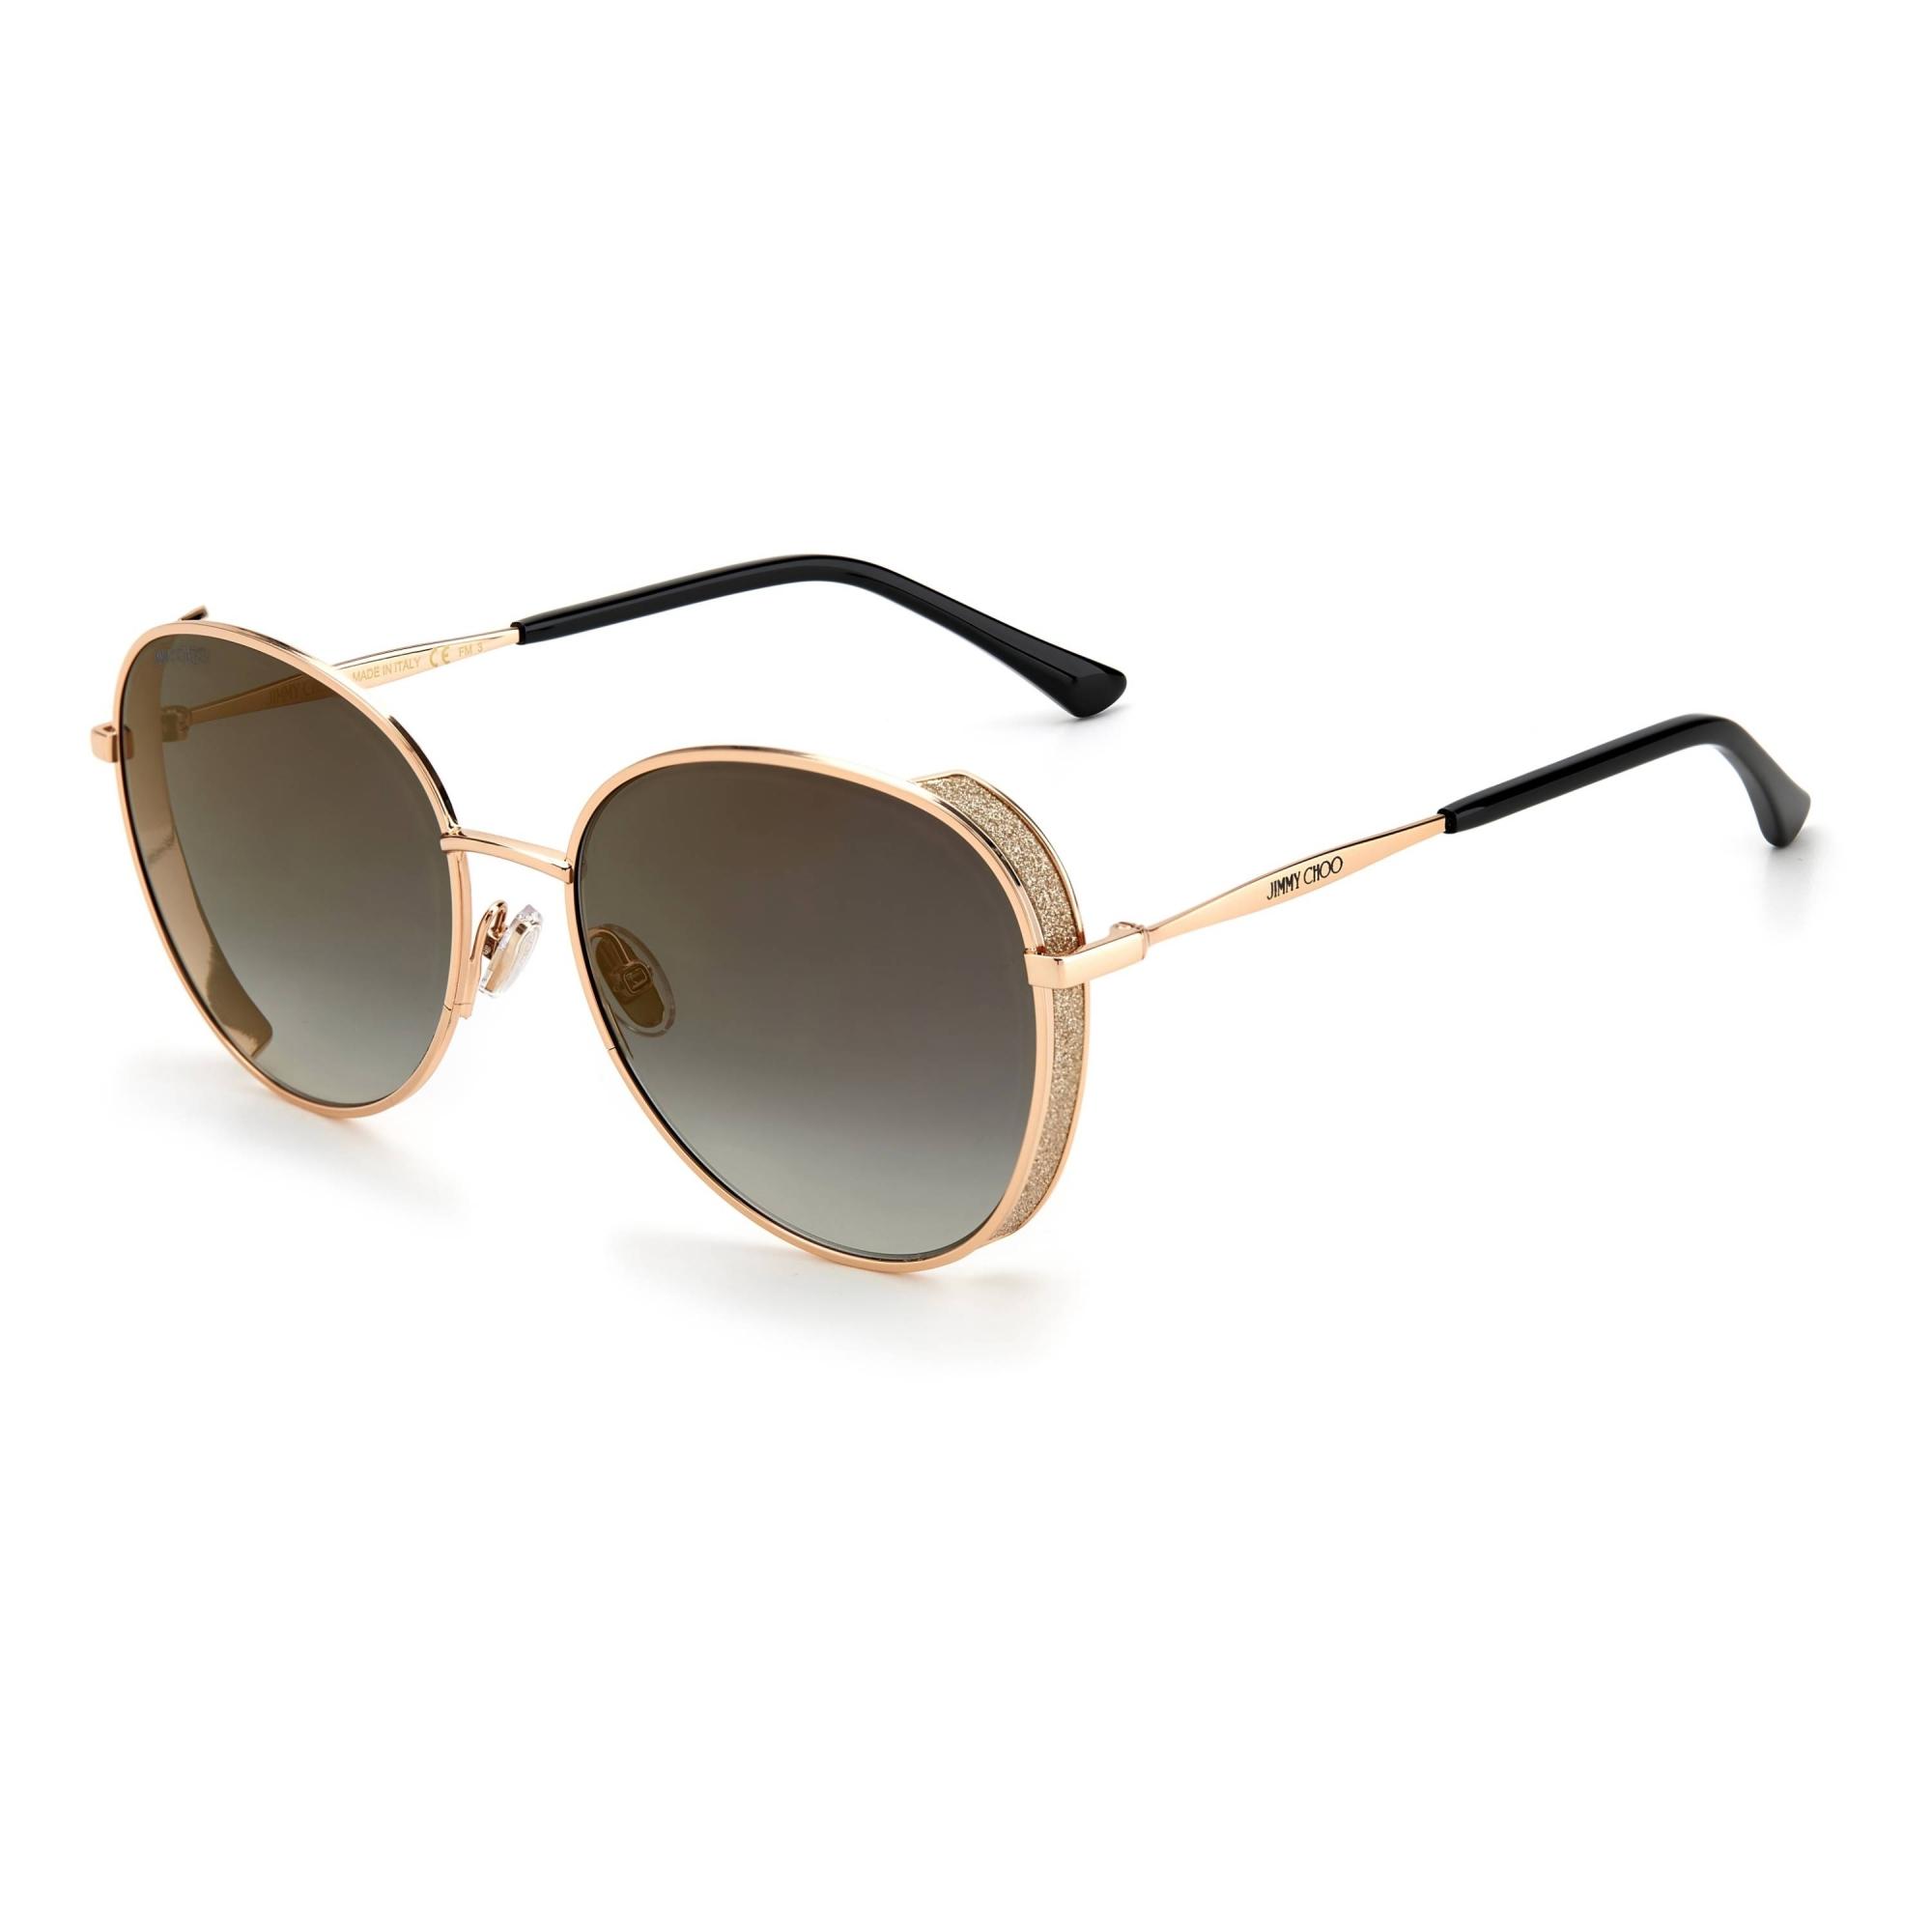 Óculos Jimmy Choo Felines Redondo DDBFQ 58 Dourado